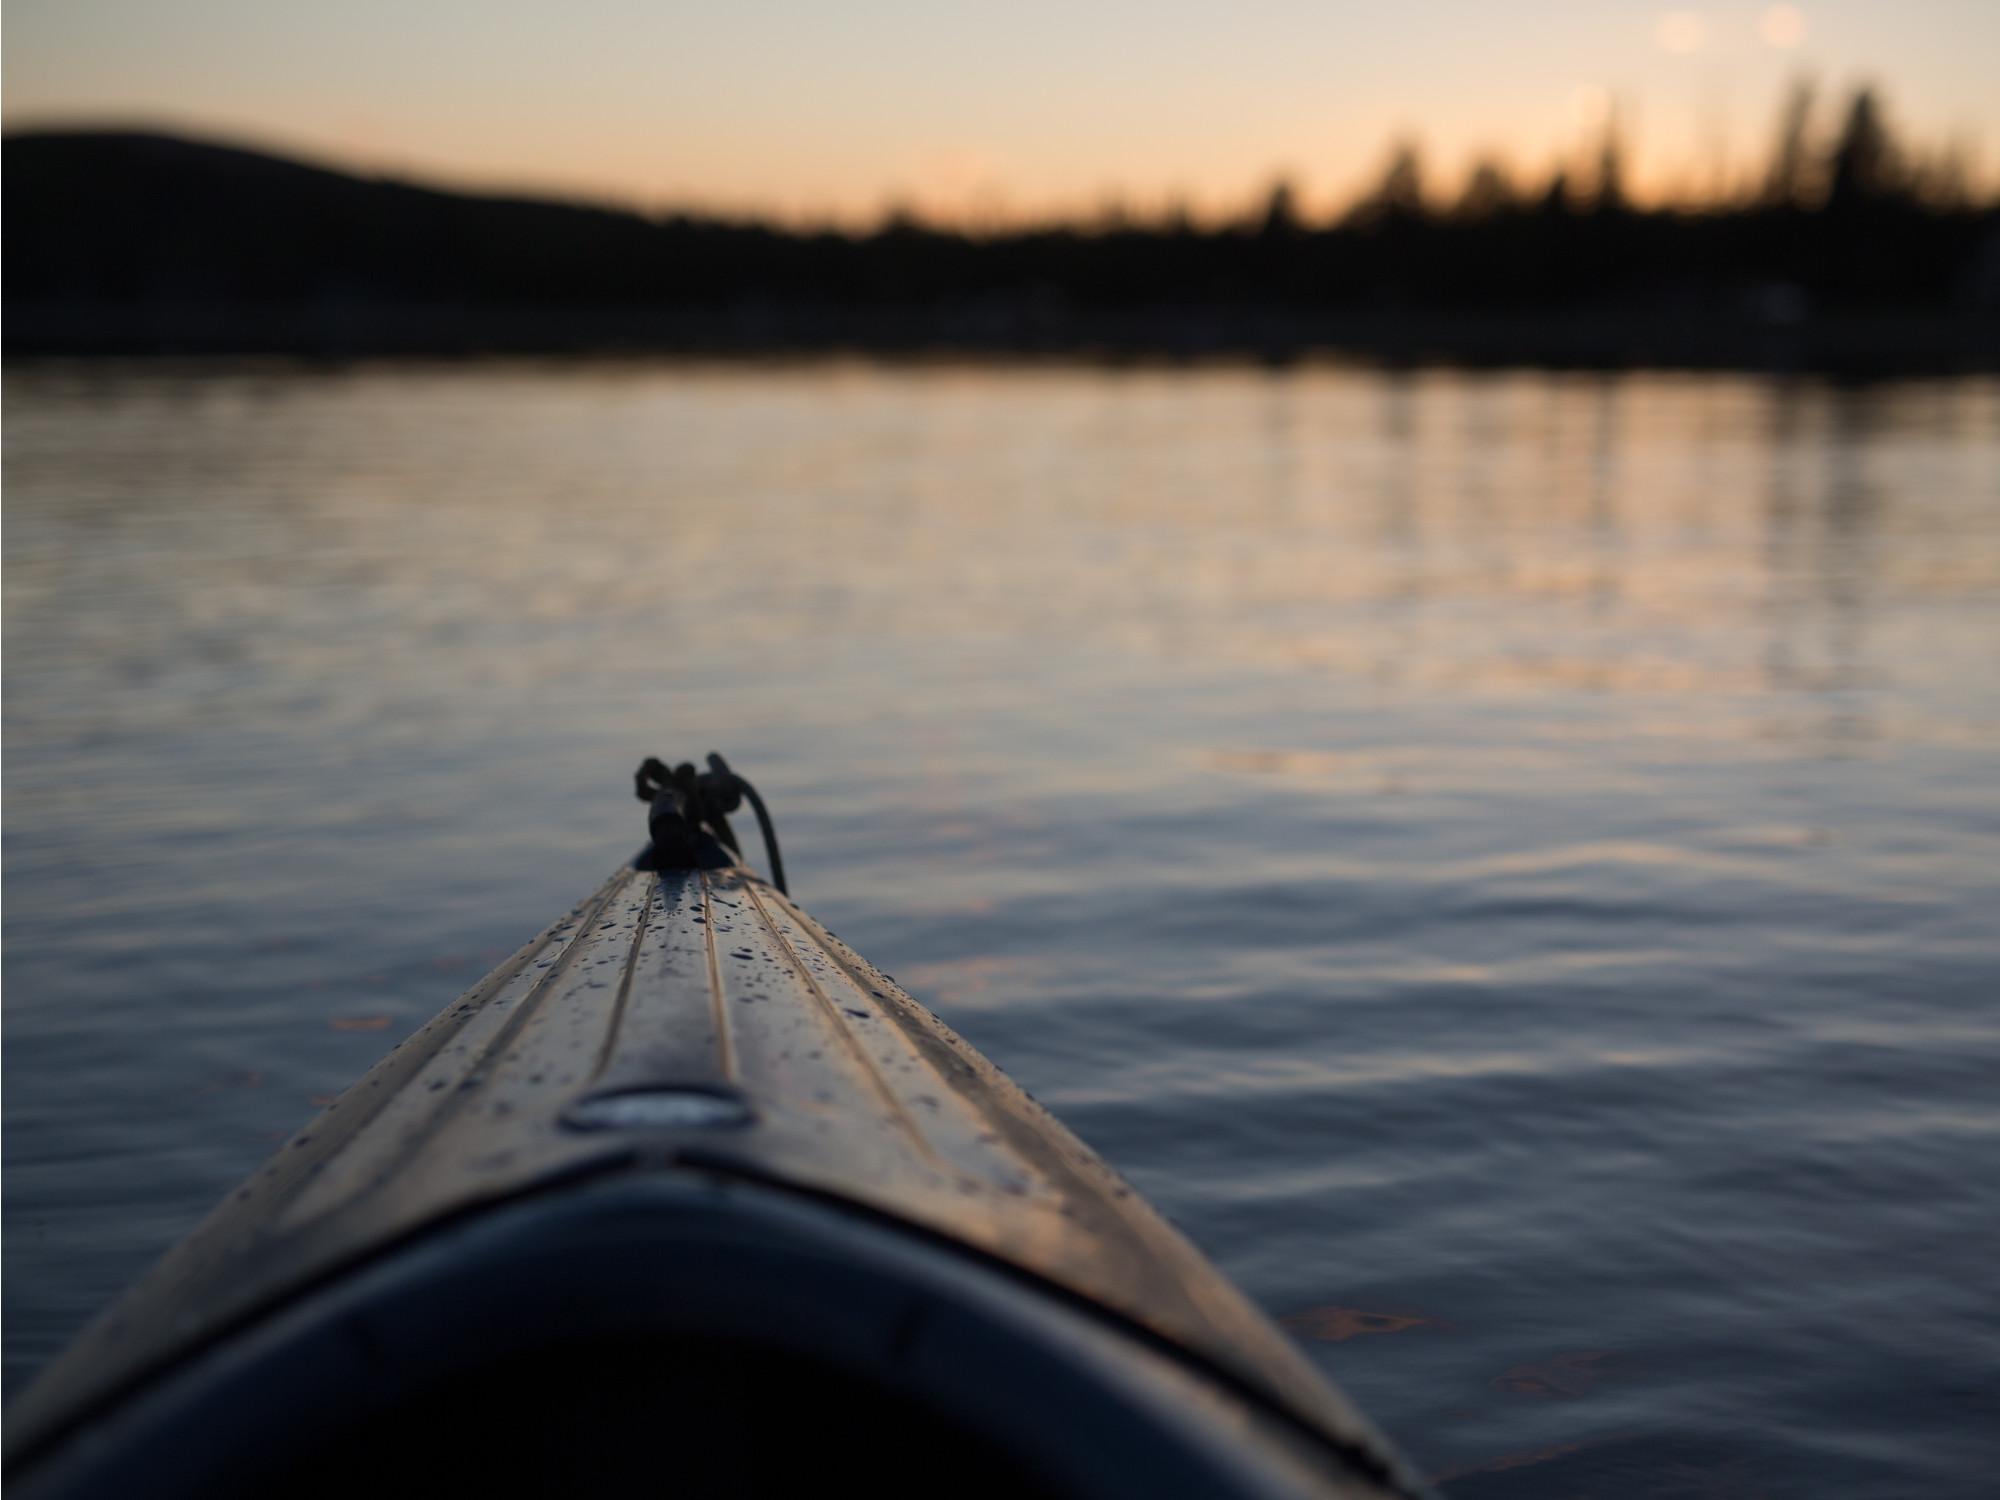 canoe_2000_pixabay_cc0_071116